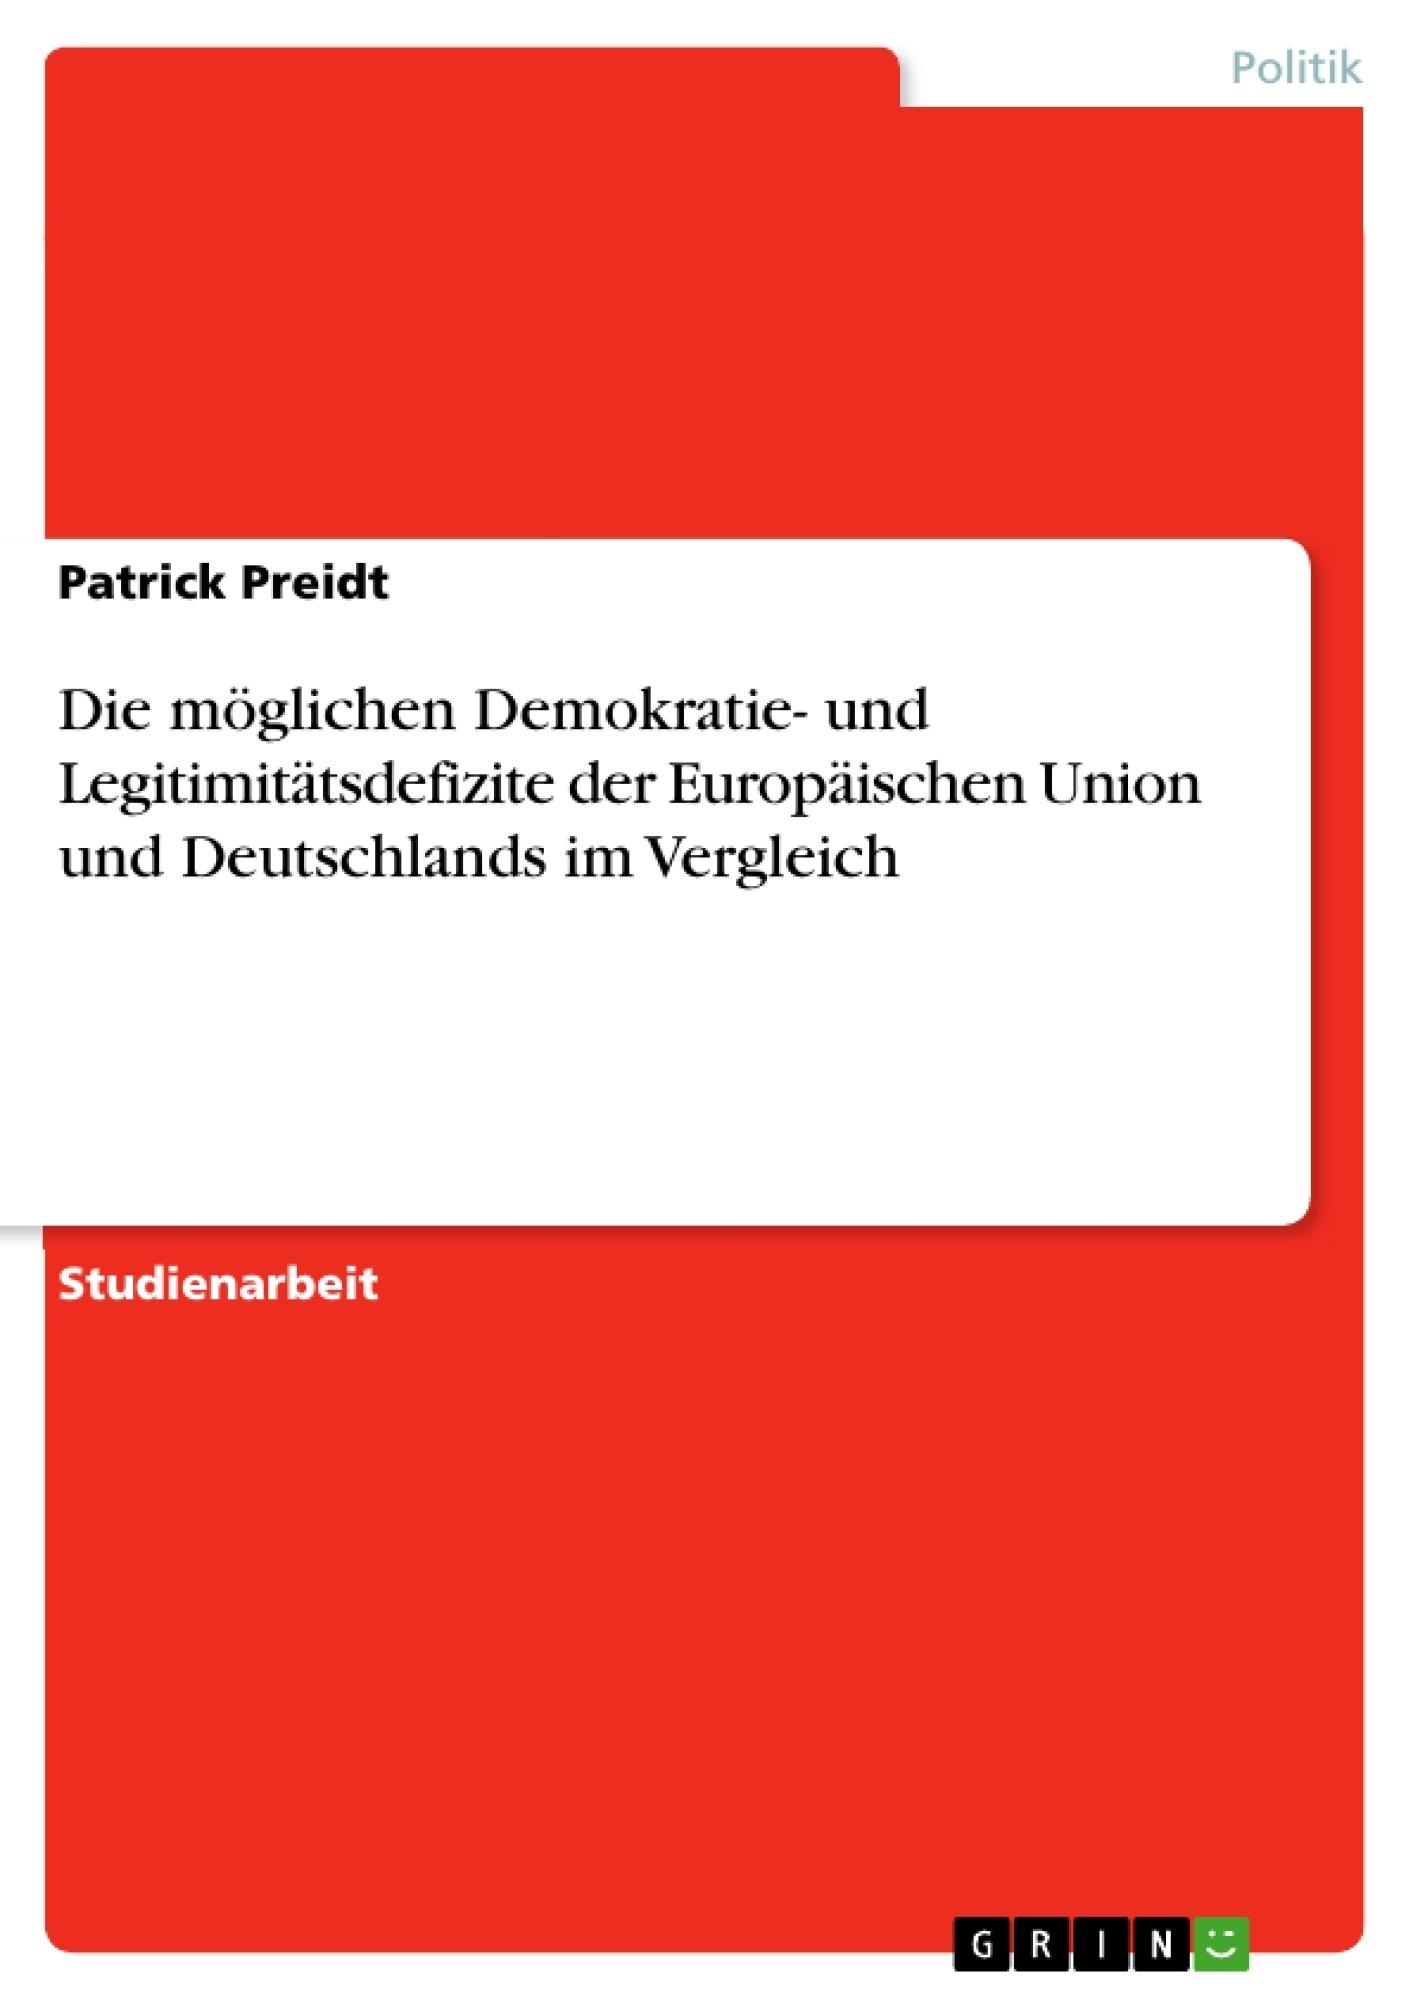 Titel: Die möglichen Demokratie- und Legitimitätsdefizite der Europäischen Union und Deutschlands im Vergleich